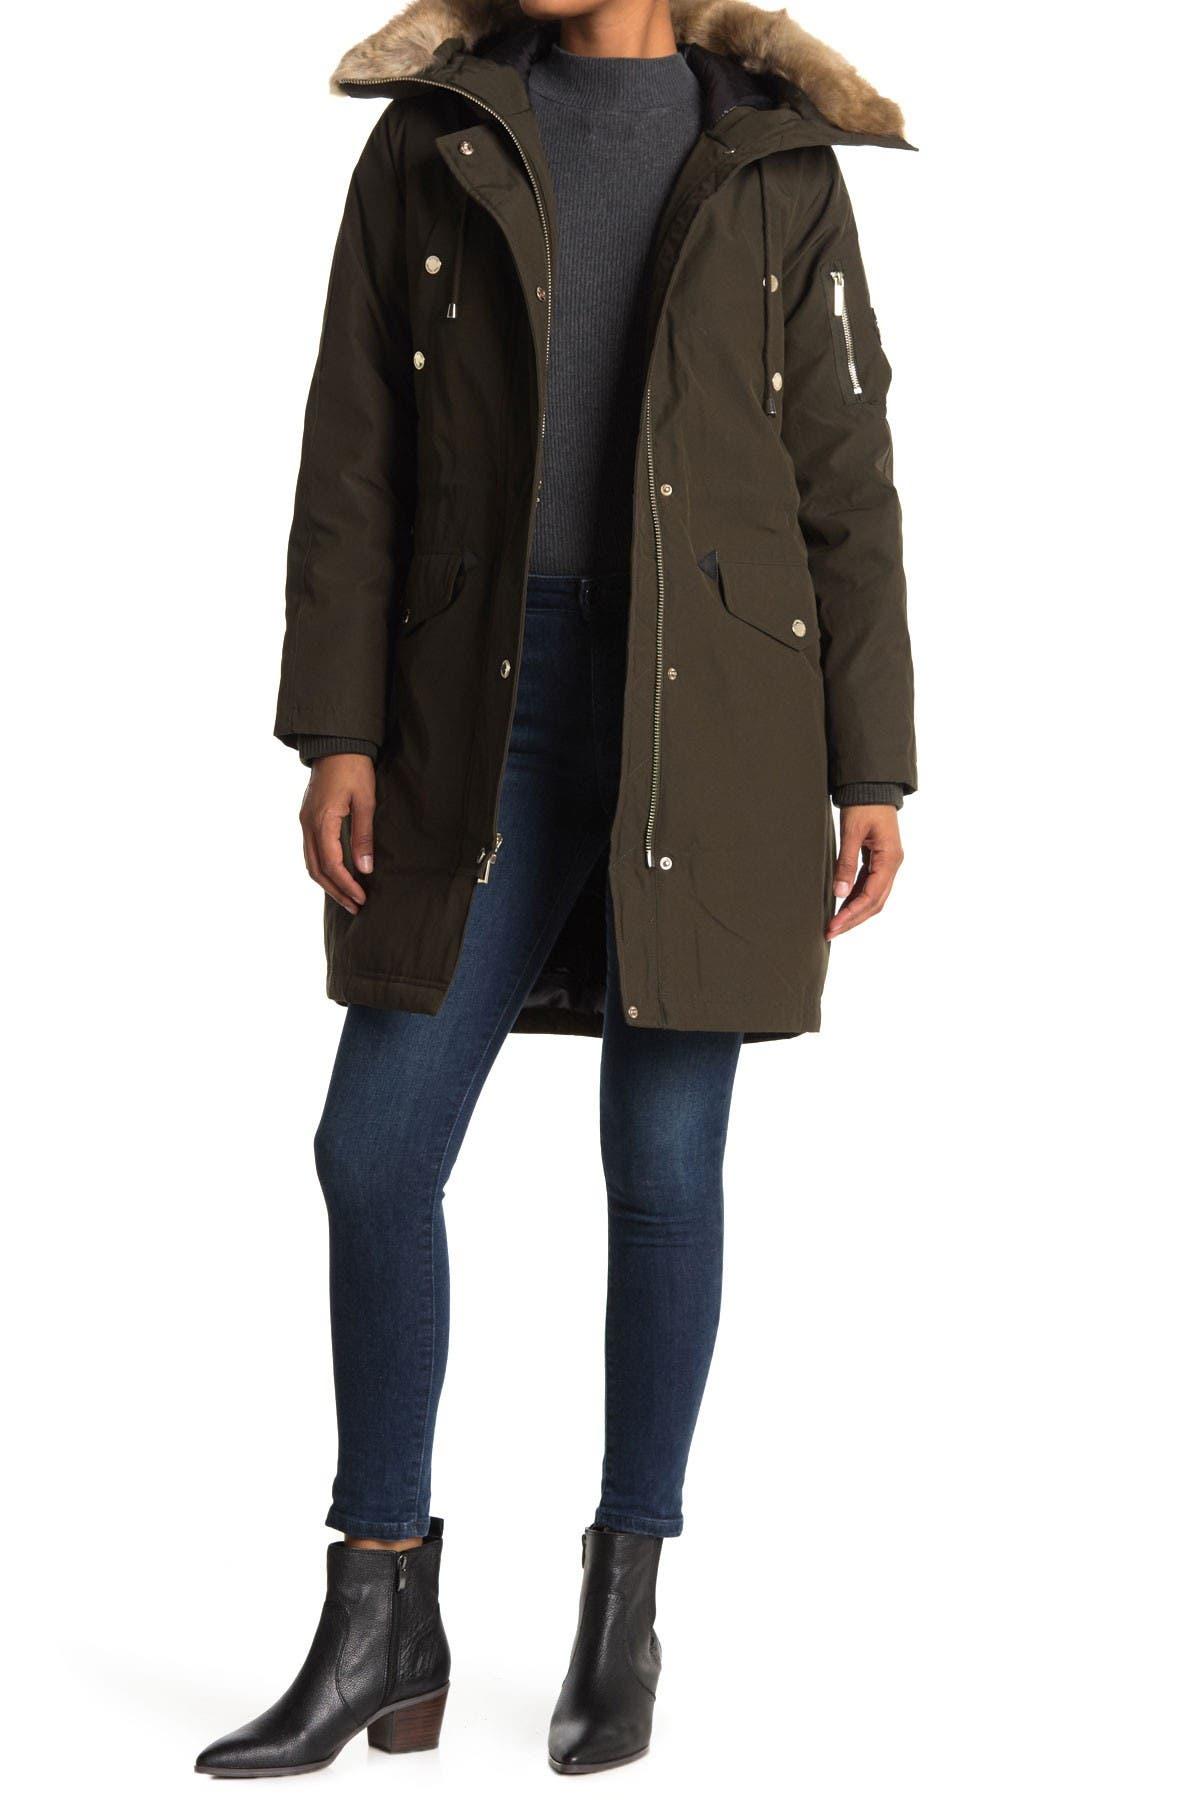 Image of Michael Kors Missy Faux Fur Down Fill Anorak